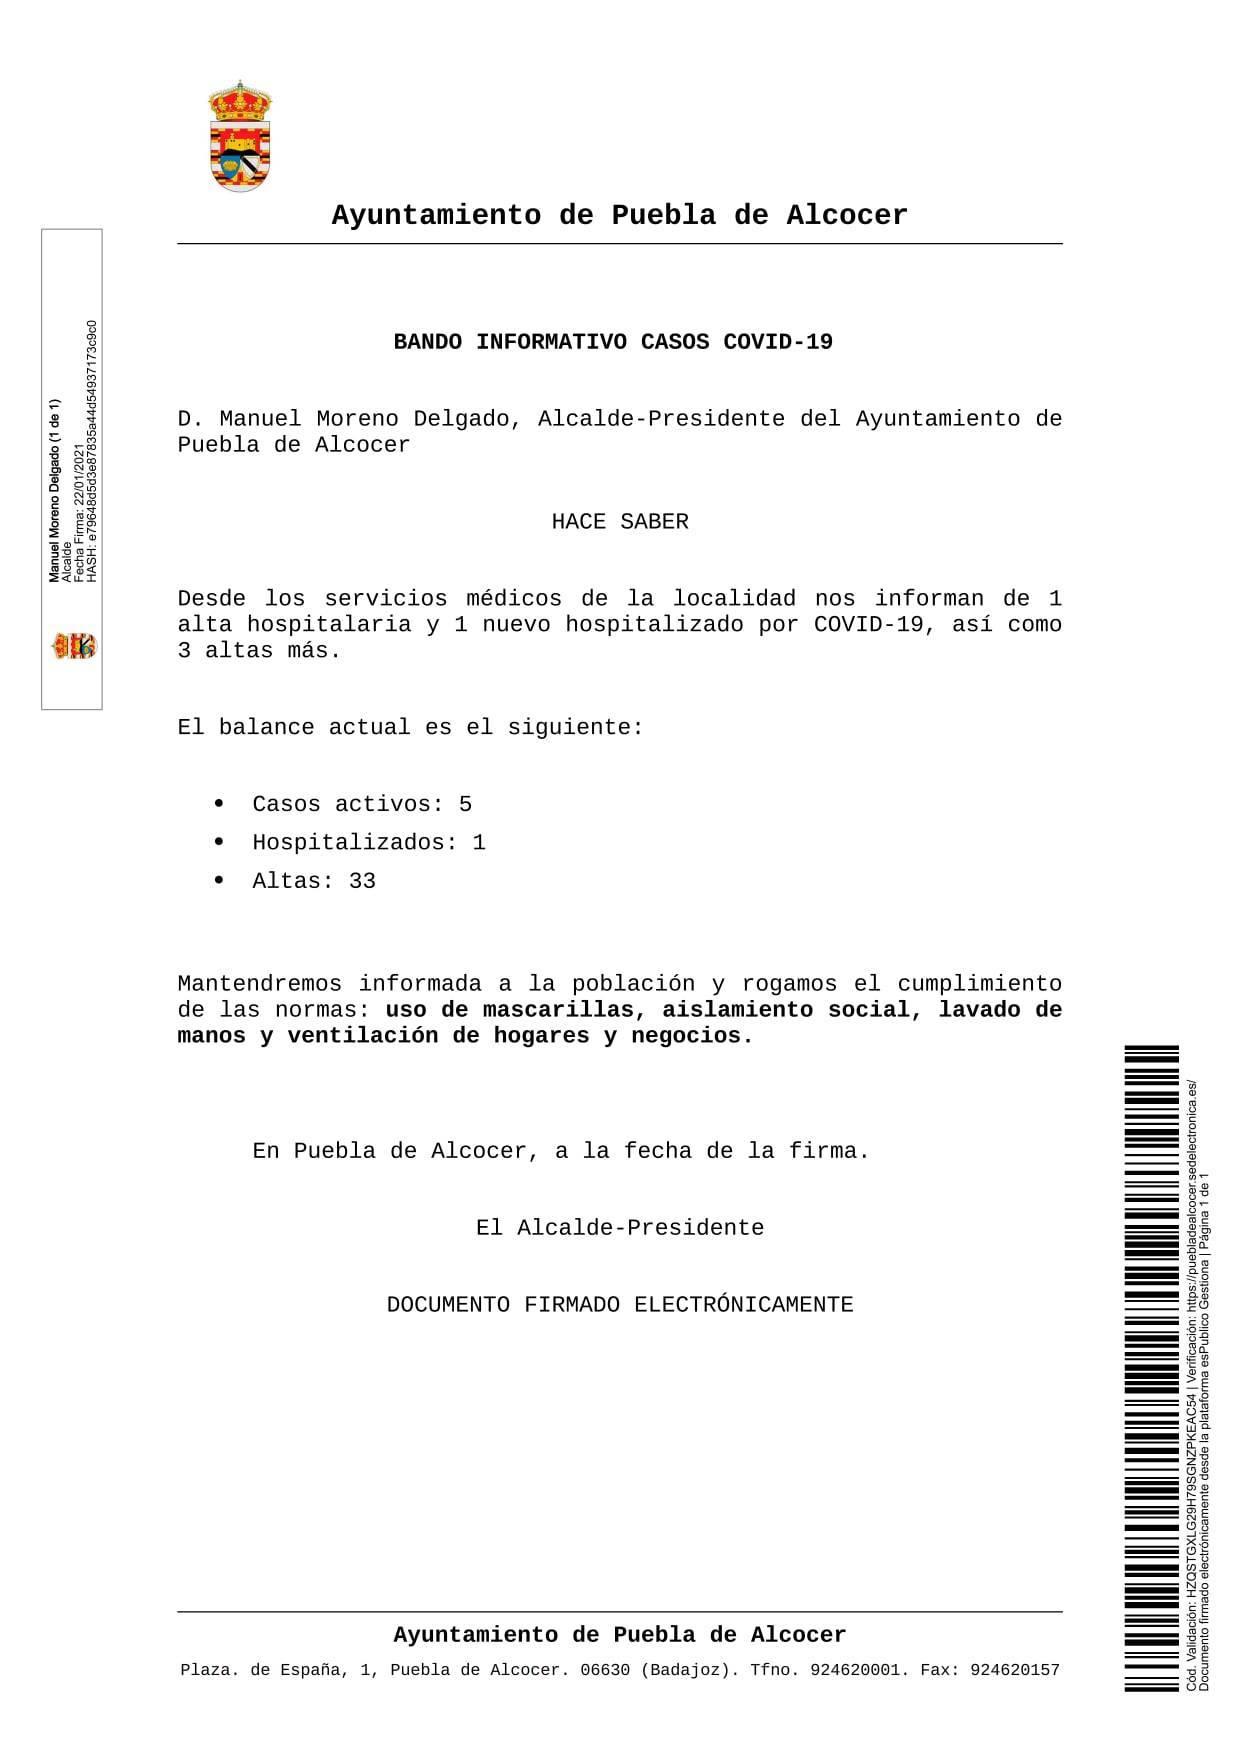 5 casos positivos activos de COVID-19 (enero 2021) - Puebla de Alcocer (Badajoz)